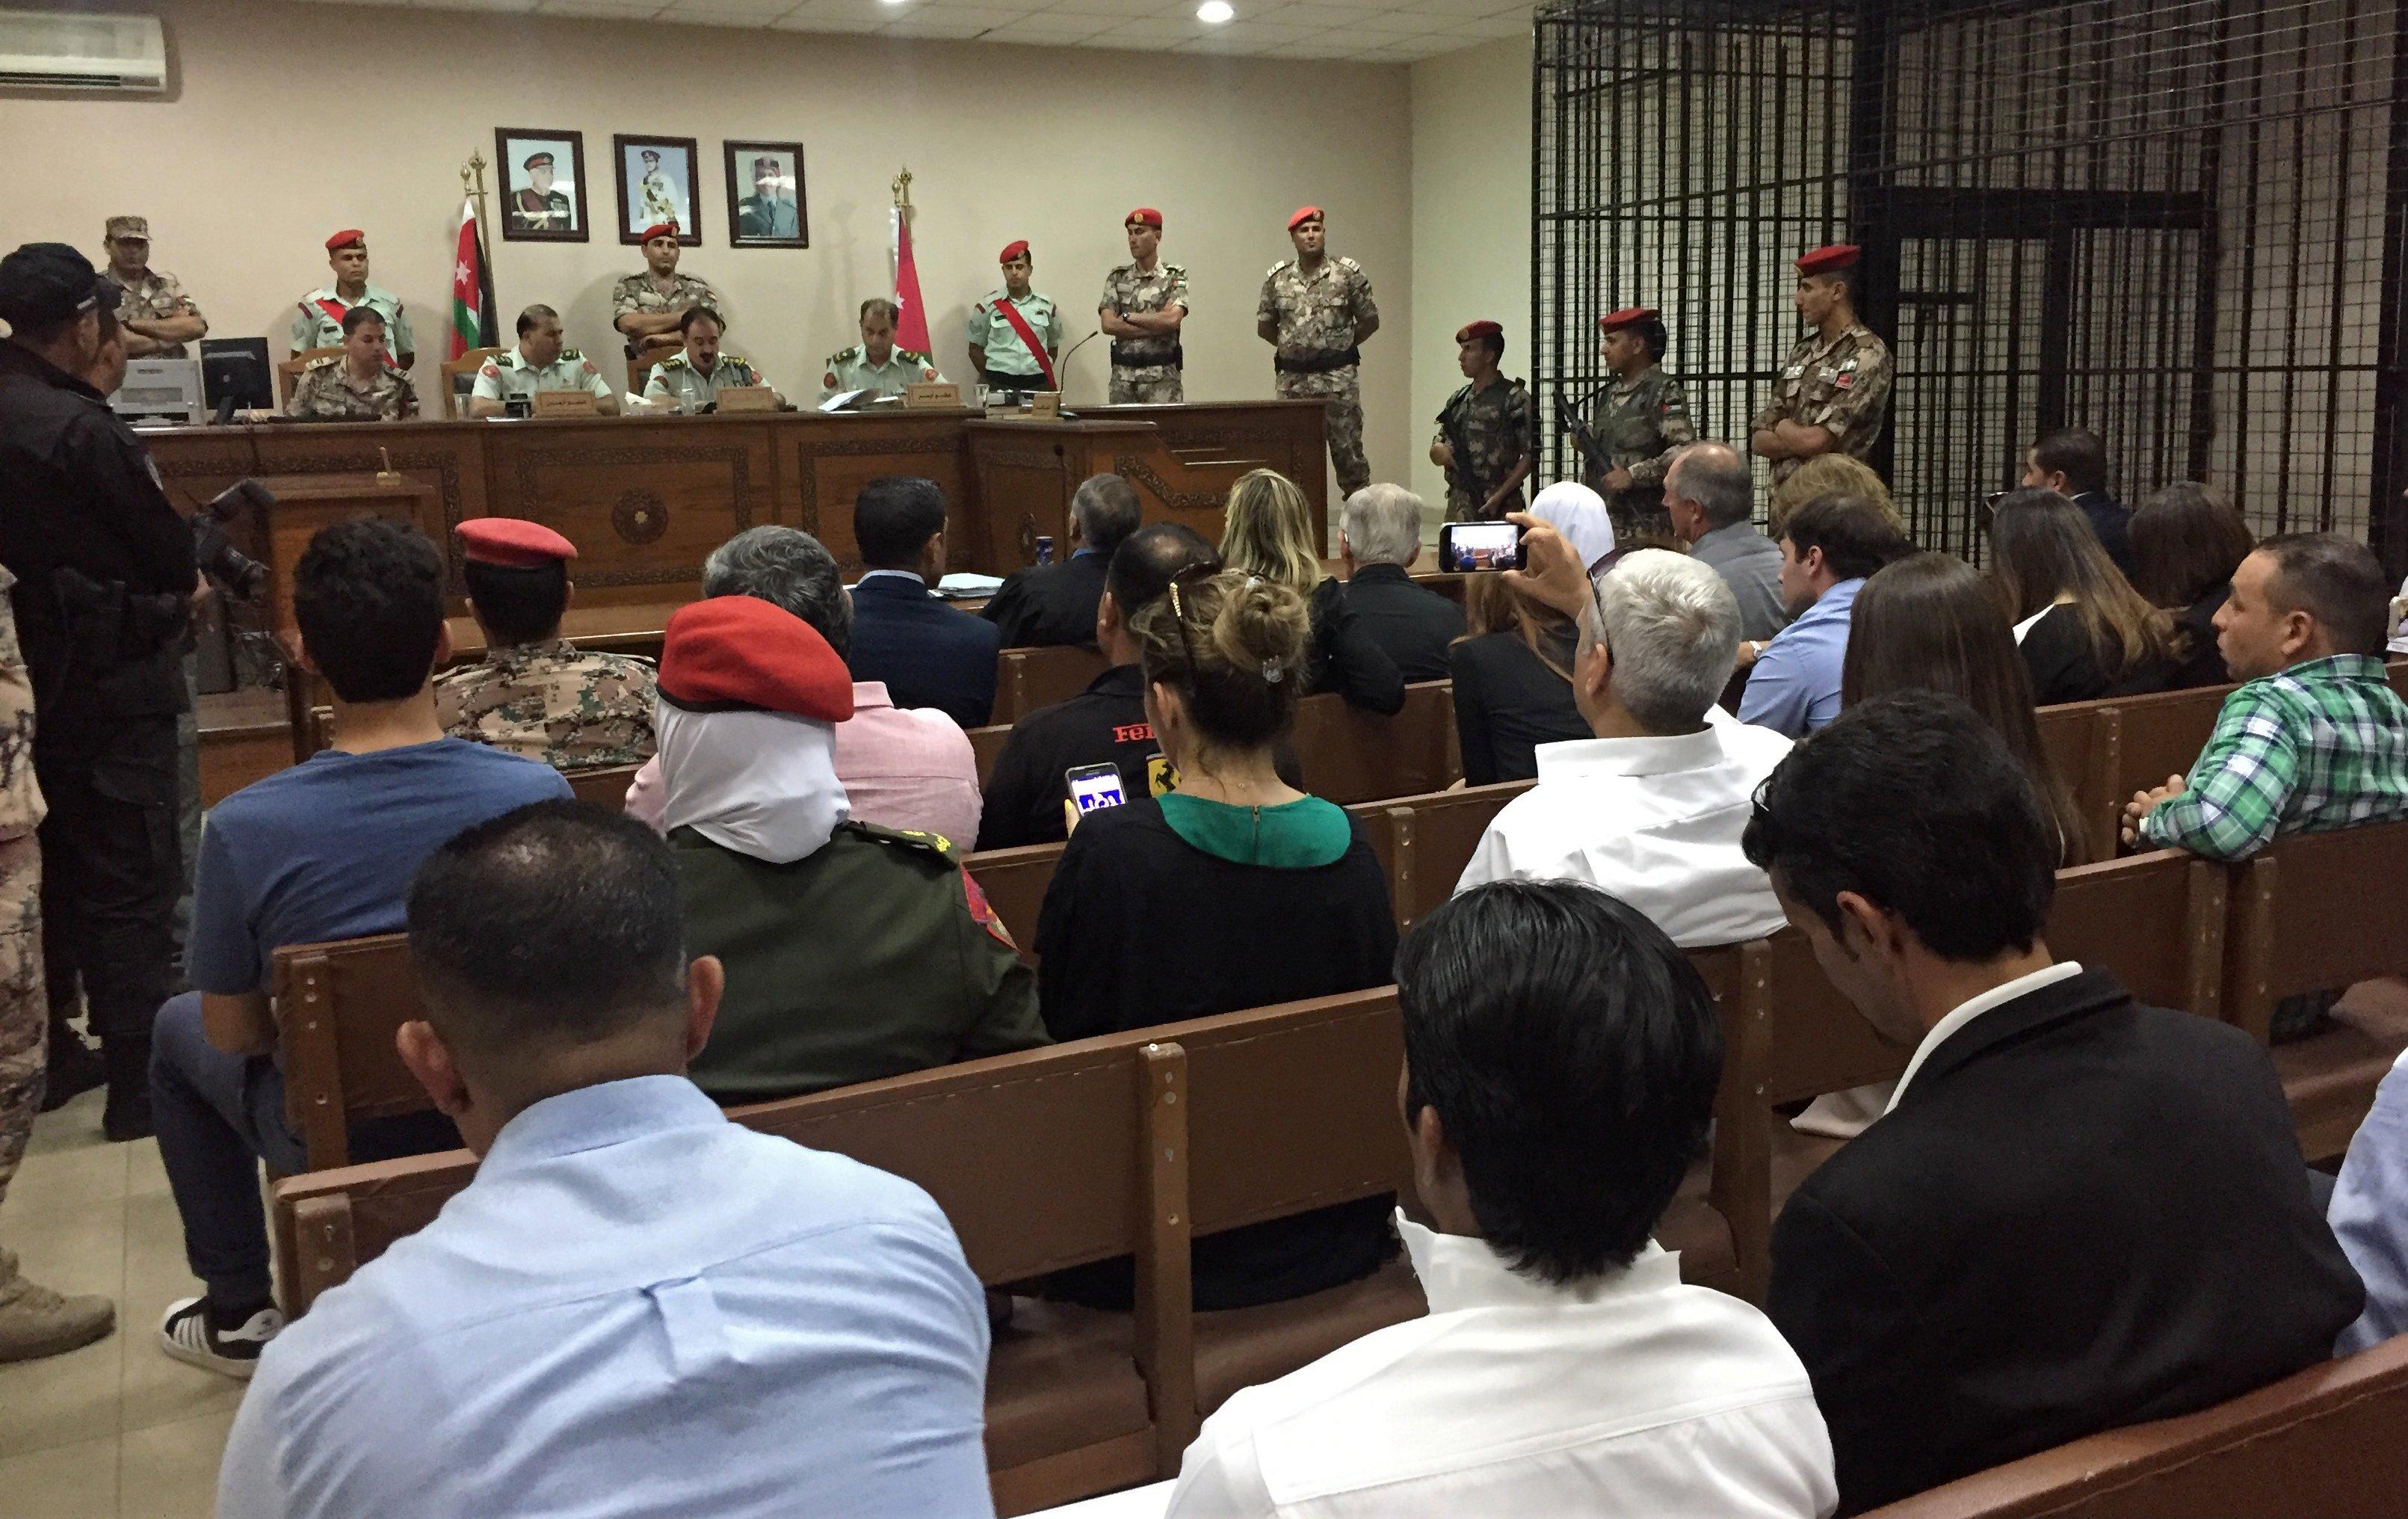 Jordanian-Soldier-Gets-Life-for-Killing-3-U.S.-Troops